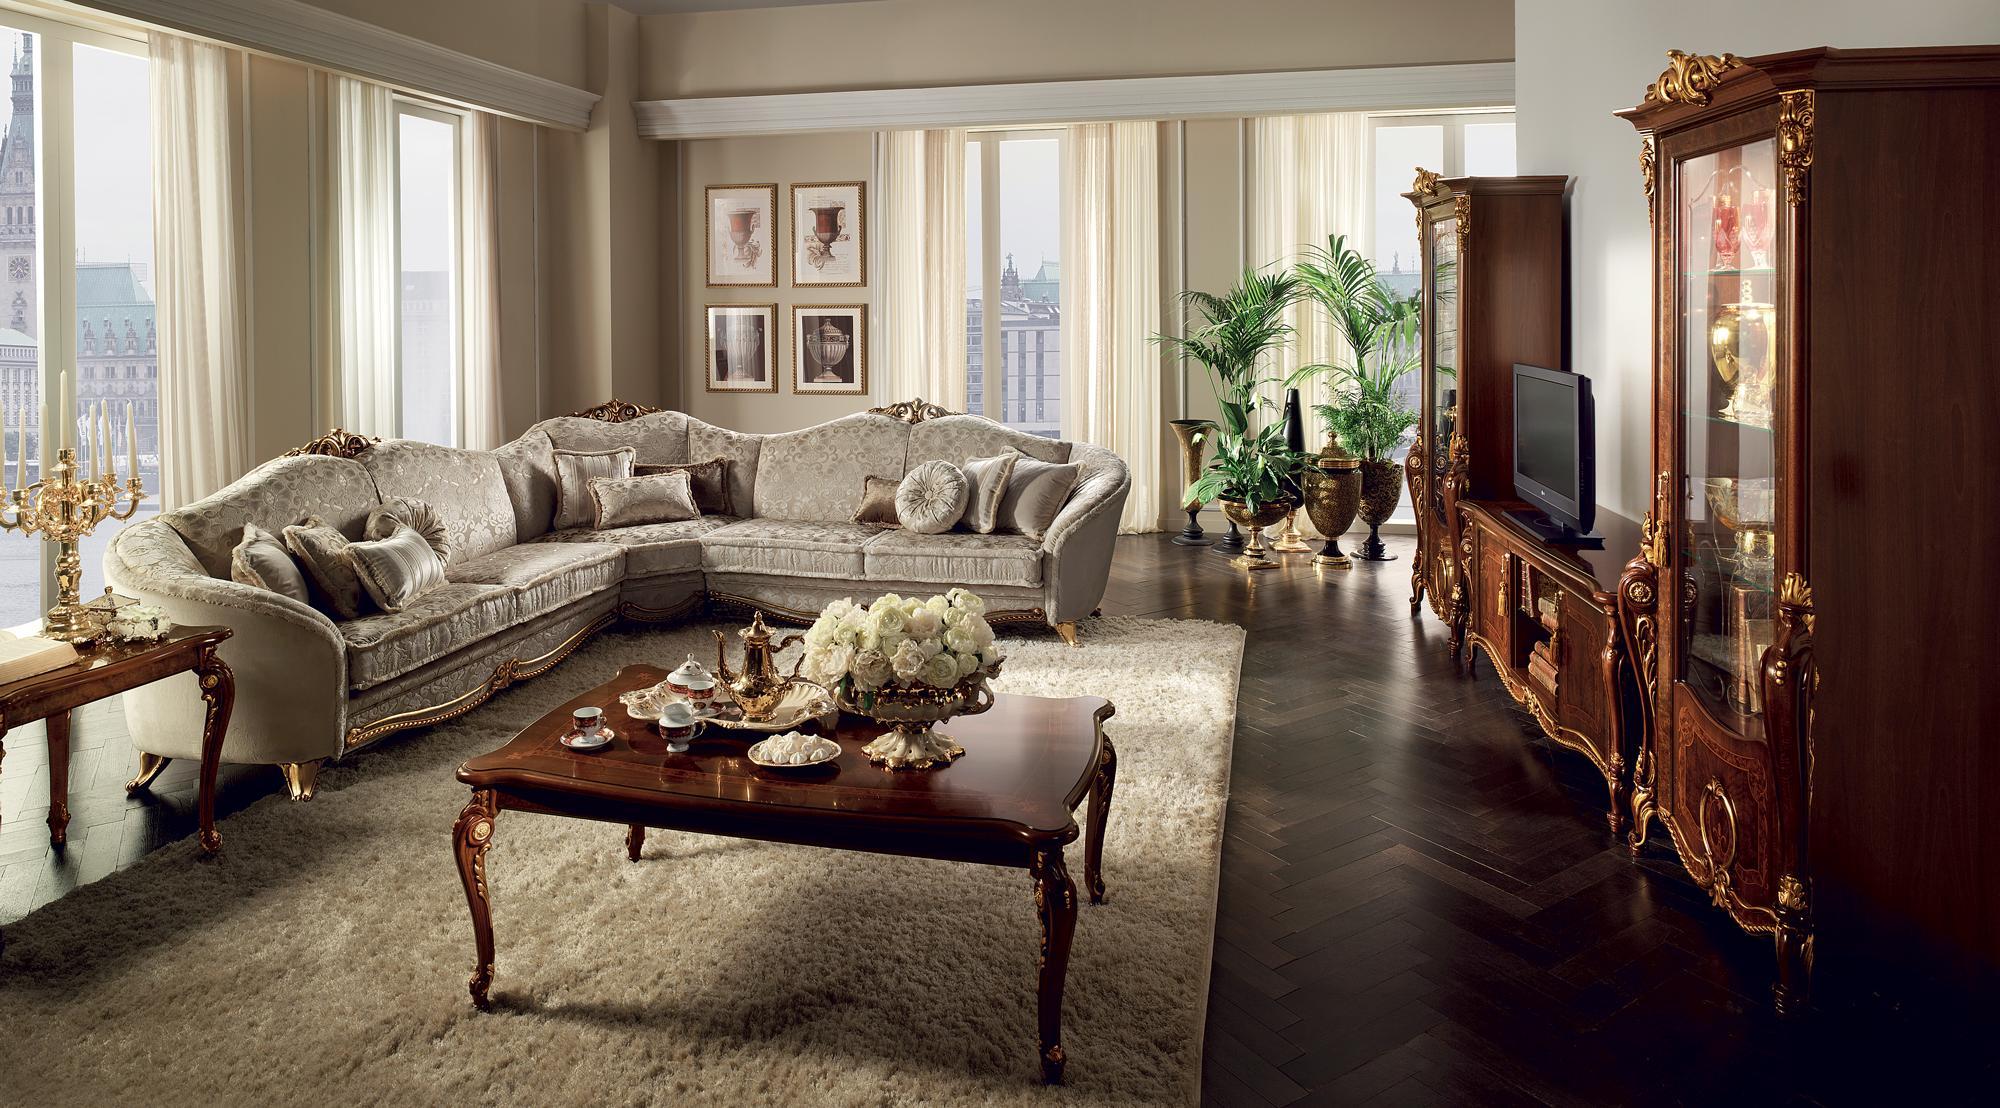 Couchtisch Edler Design Wohnzimmer Barock Rokoko Sofa Couch Tische Jugendstil